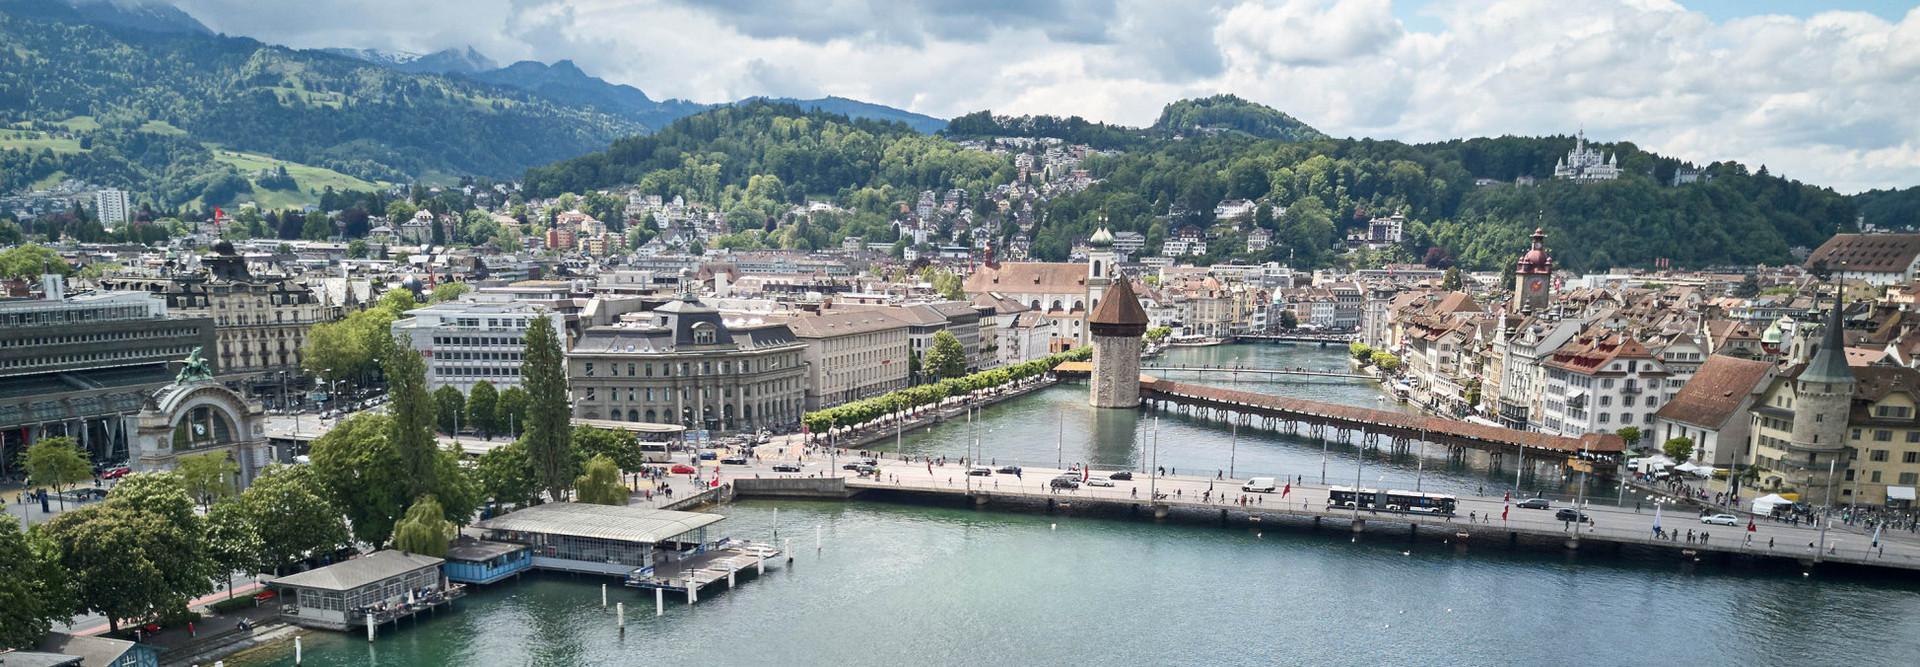 Sicht von oben auf das Motorschiff Diamant im Luzerner Seebecken vor der Seebrücke